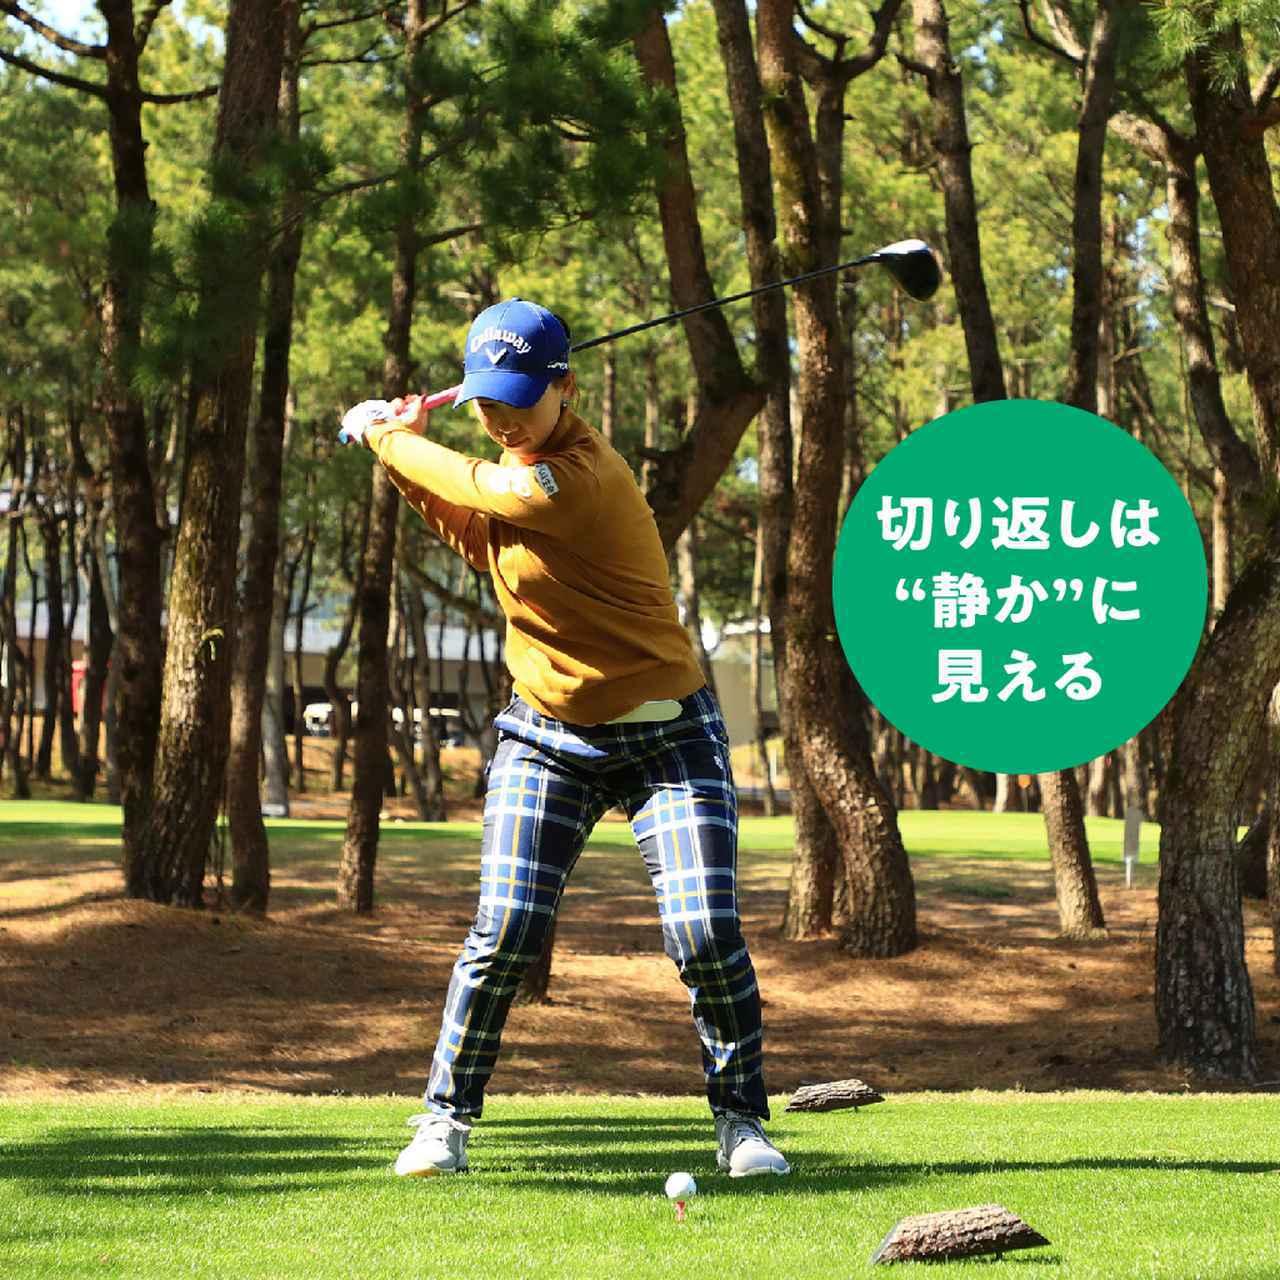 画像1: 【飛距離アップ】飛ばしに力は必要ない。女子プロゴルファーがこぞって集うチーム辻村明志「マン振りより飛ぶ八分目スウィング」